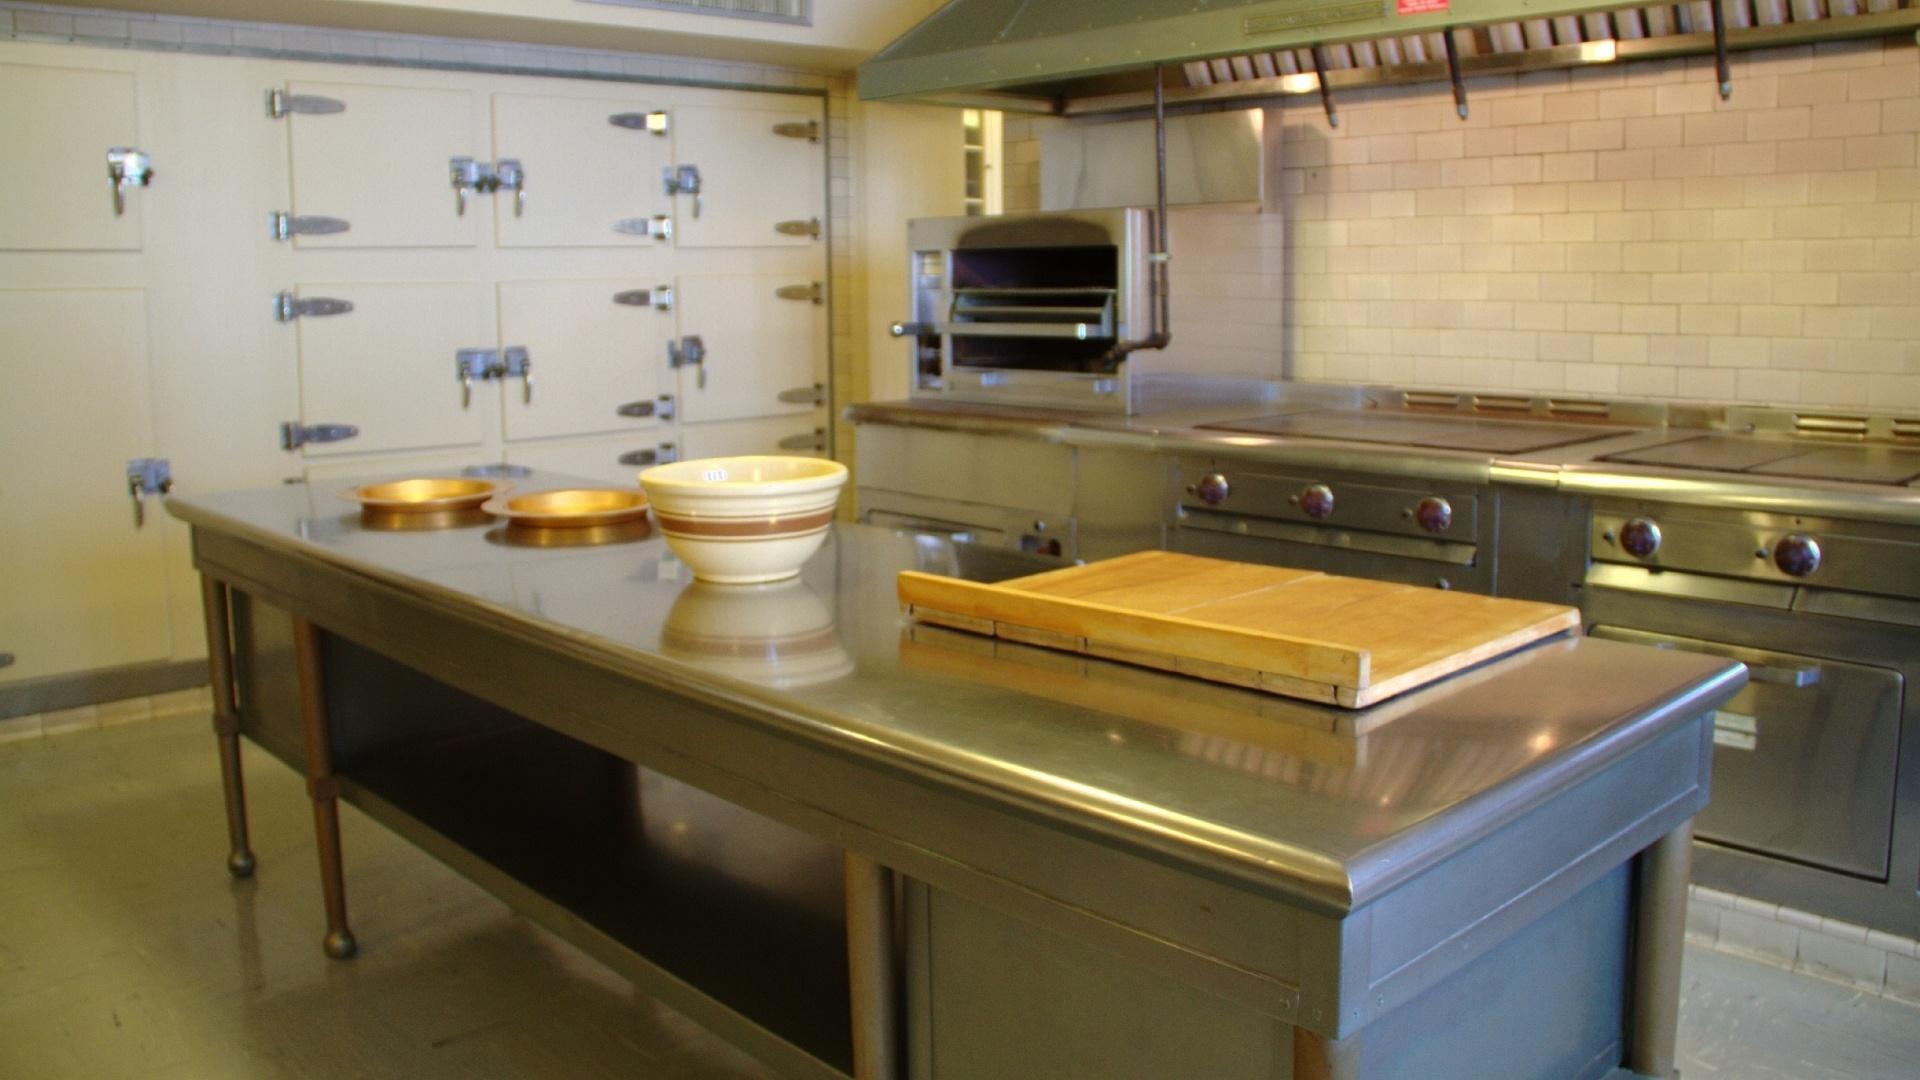 família Ford em Detroit transformada em museu a cozinha industrial  #A0772B 1920 1080